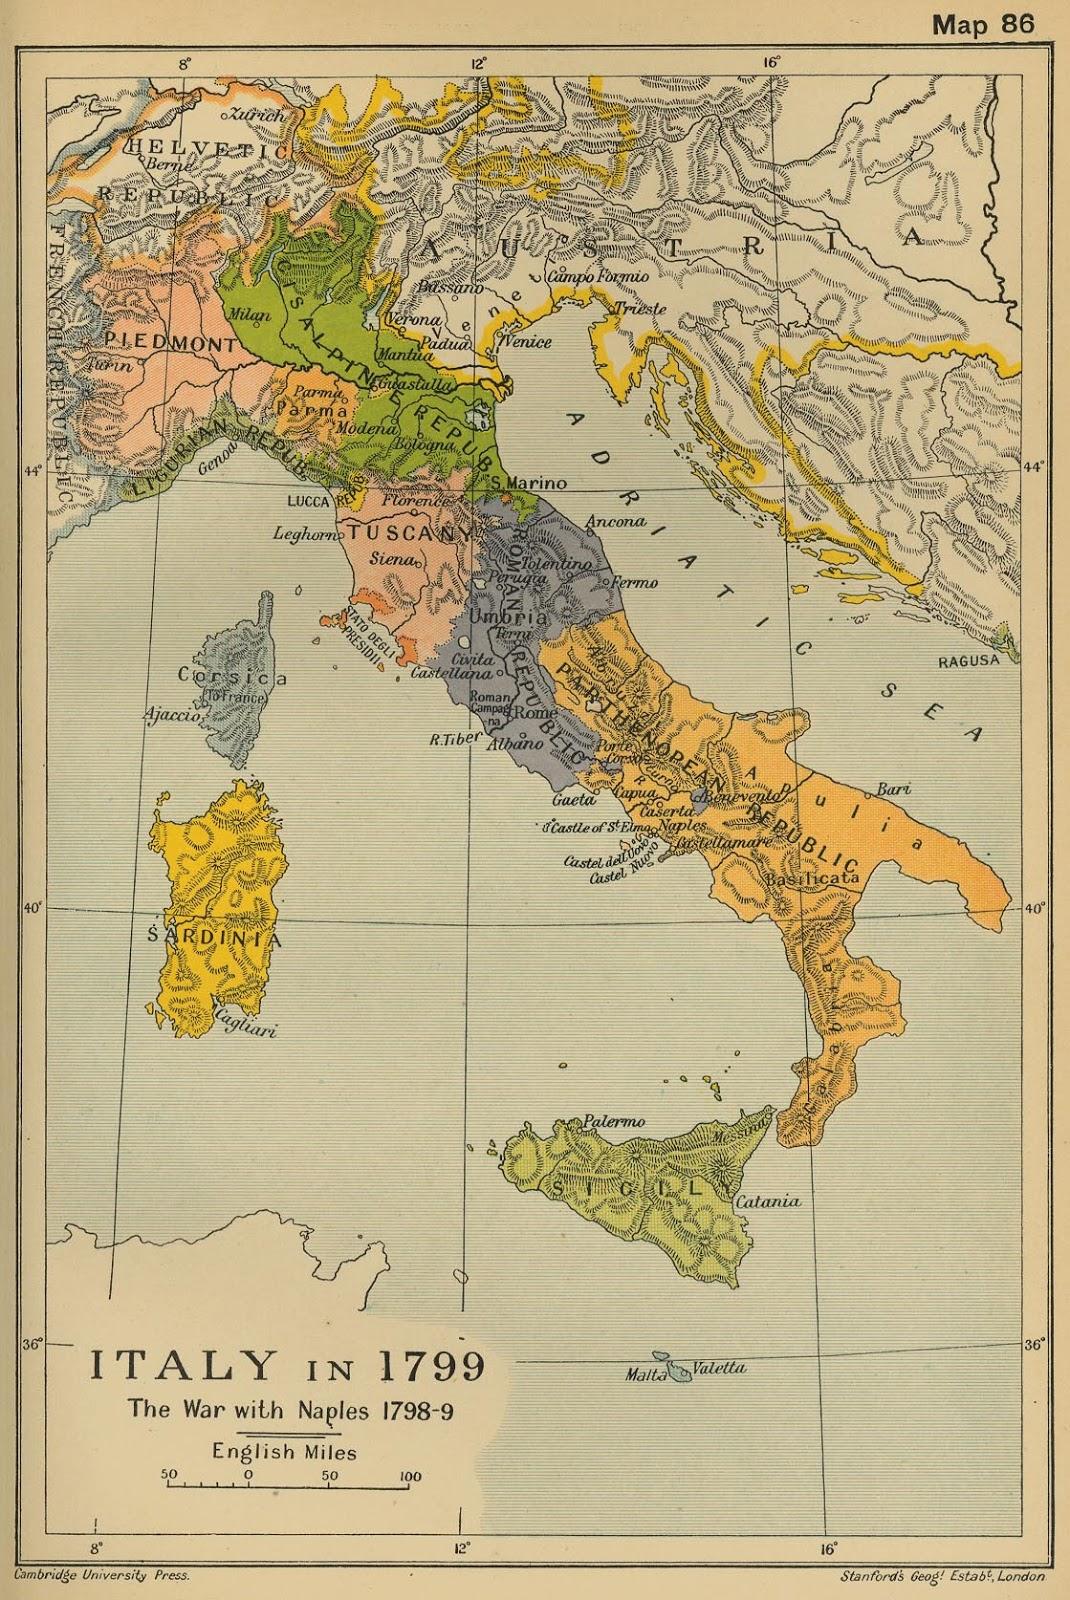 Italy in 1799